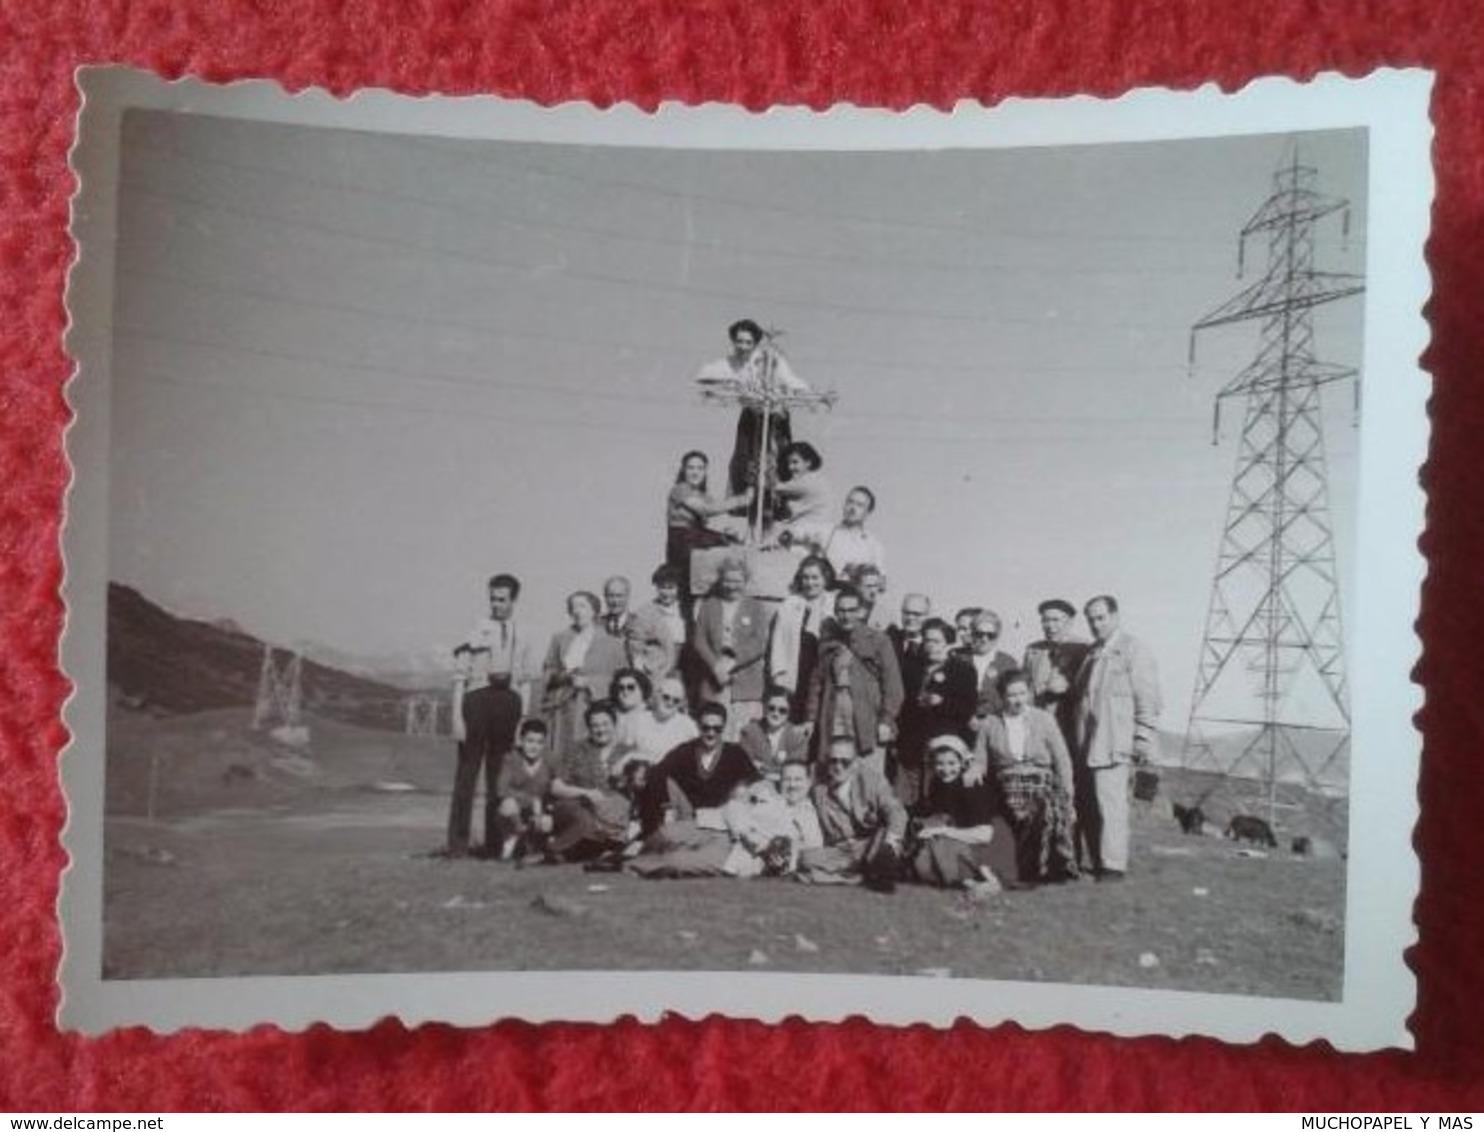 FOTO FOTOGRAFÍA PHOTO A IDENTIFICAR GRUPO DE PERSONAS EN MOMUMENTO CON CRUZ AL FONDO TORRE ELÉCTRICA ELECTRIC TOWER, VER - Personas Anónimos